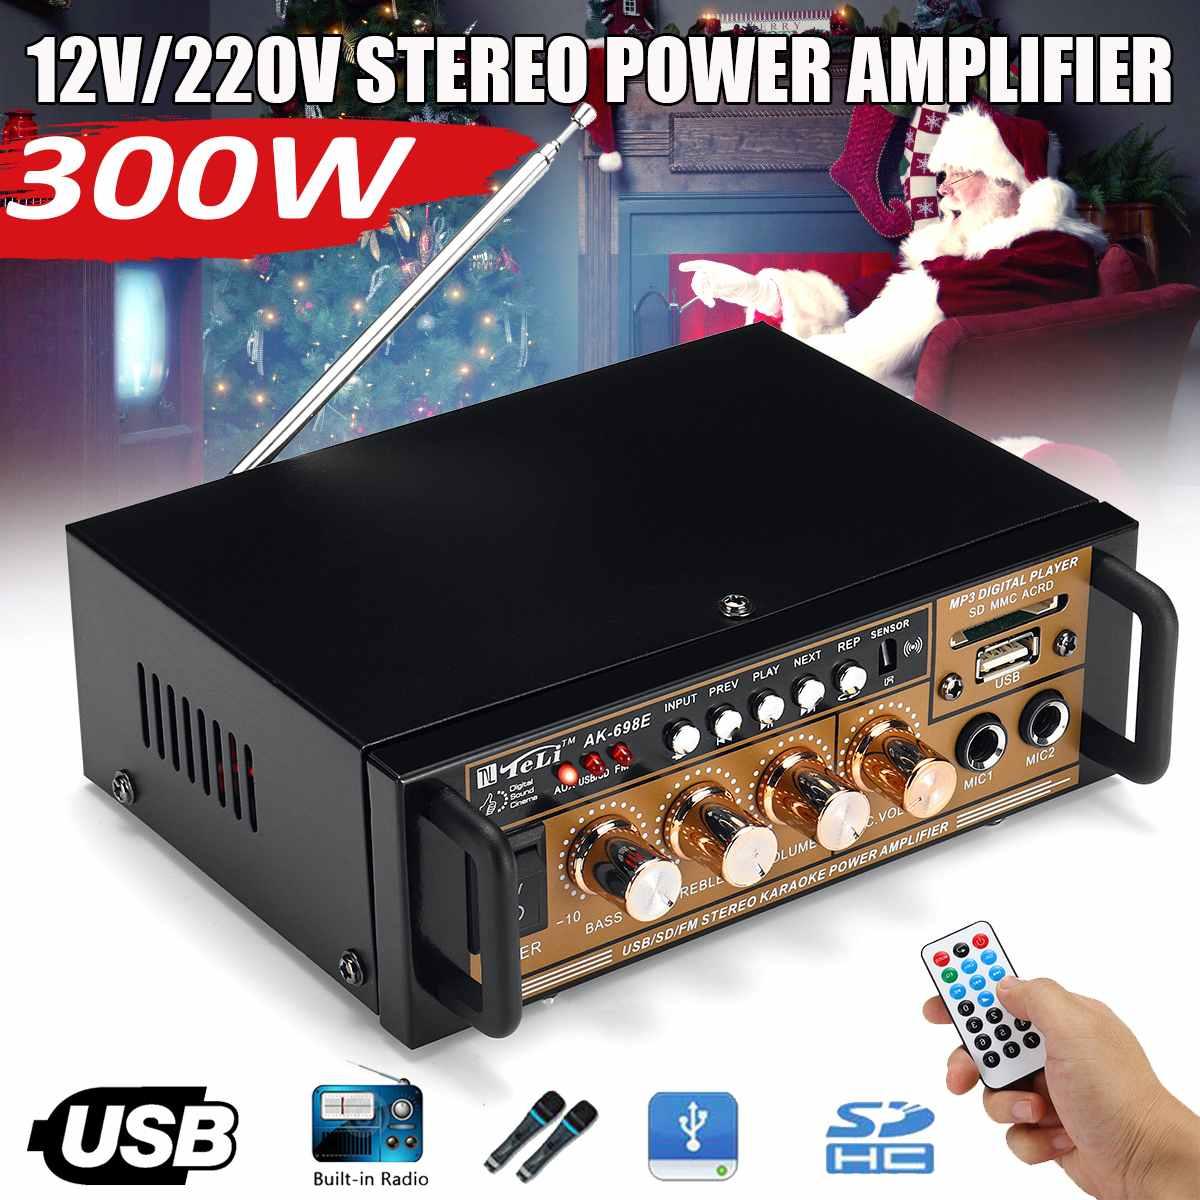 AK-698E 300 W 12 V/220 V Mini Amplificador Audio amplificateurs de puissance stéréo HIFI FM Radio USB/TF 2CH pour voiture amplificateur Home cinéma